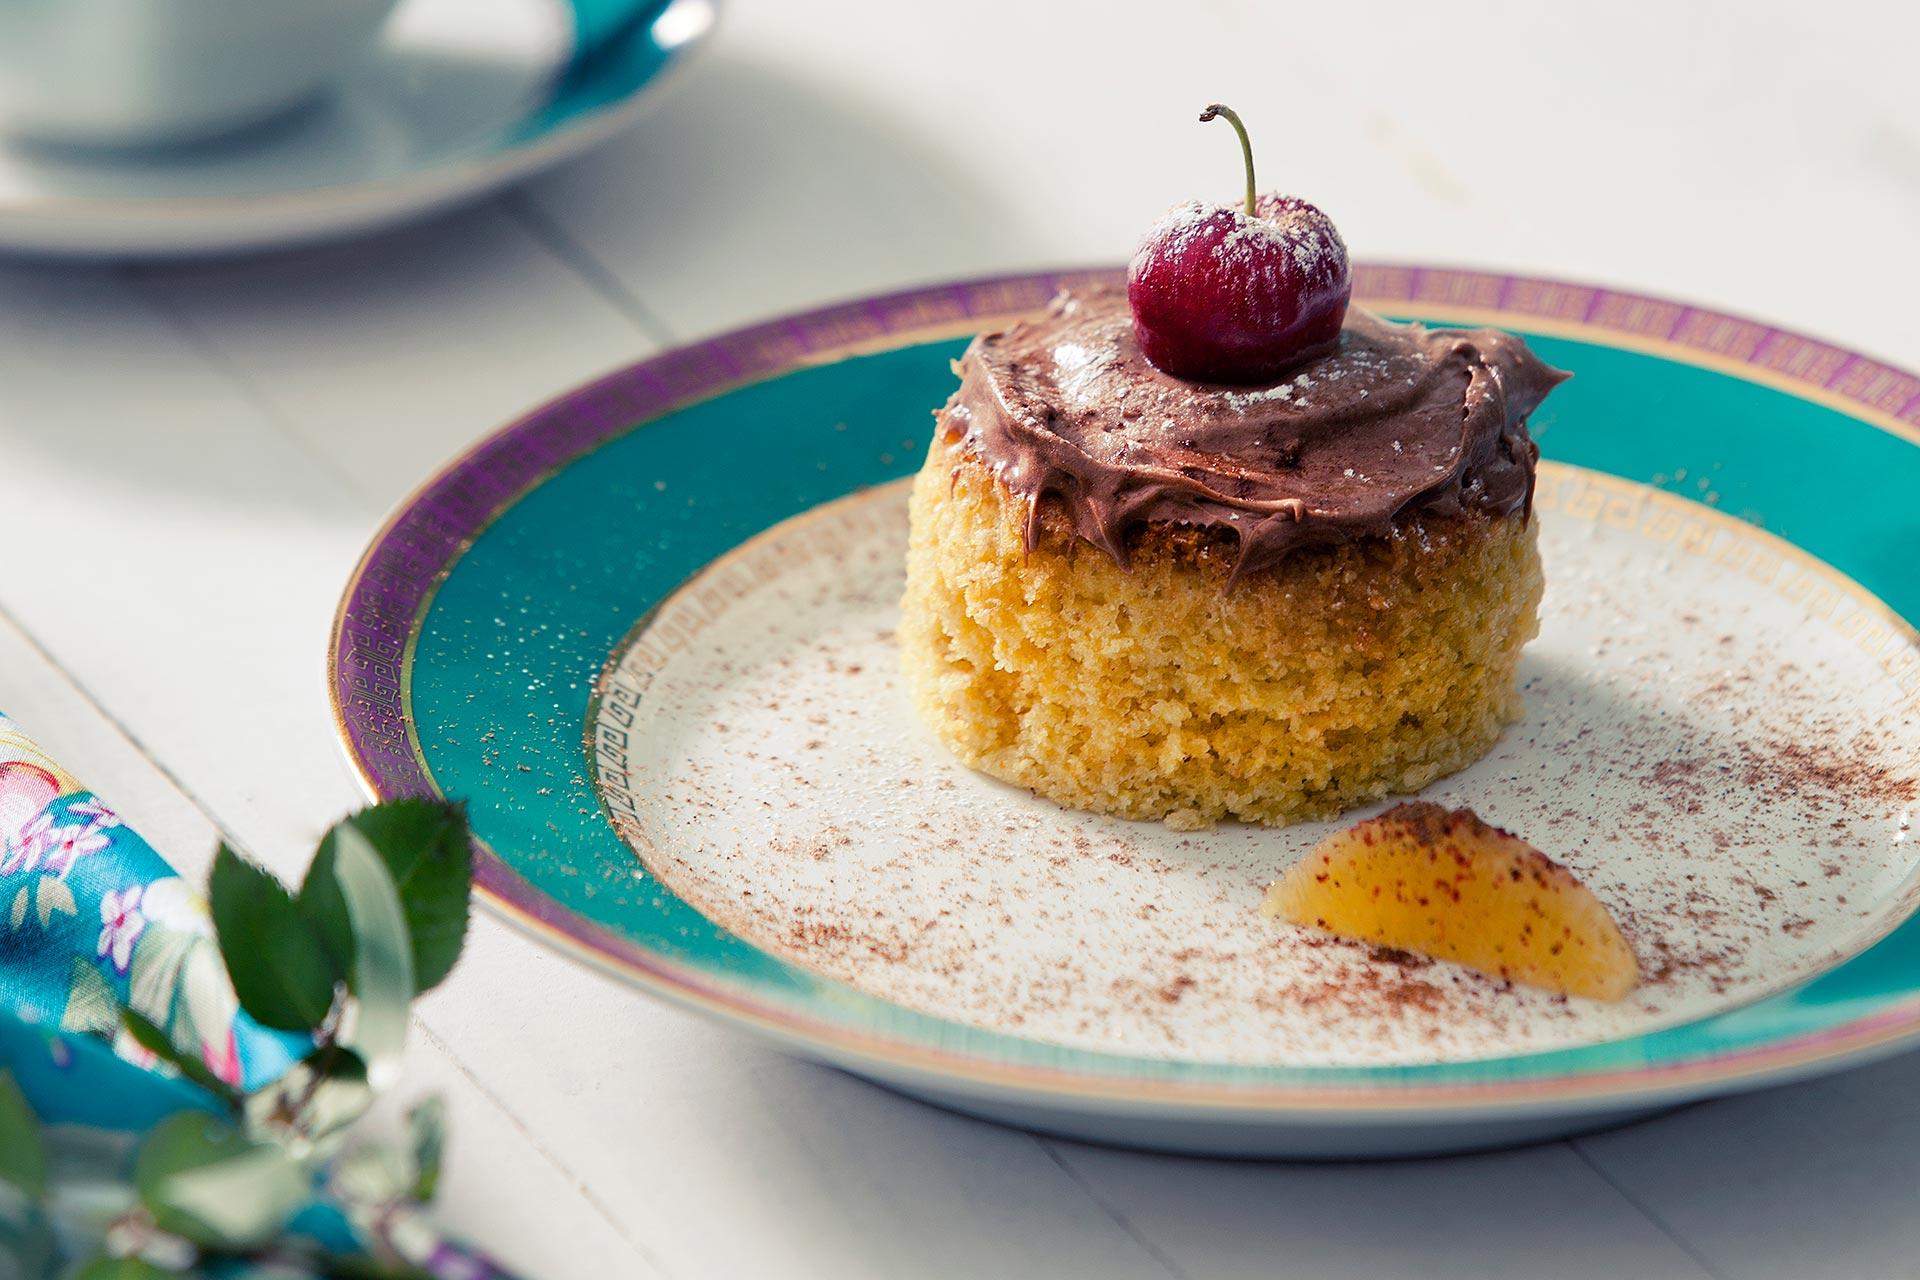 Imagem: Os detalhes fazem toda a diferença nas fotos de receitas, como essa finalização linda e delicada com a cereja, açúcar de confeiteiro e chocolate em pó.